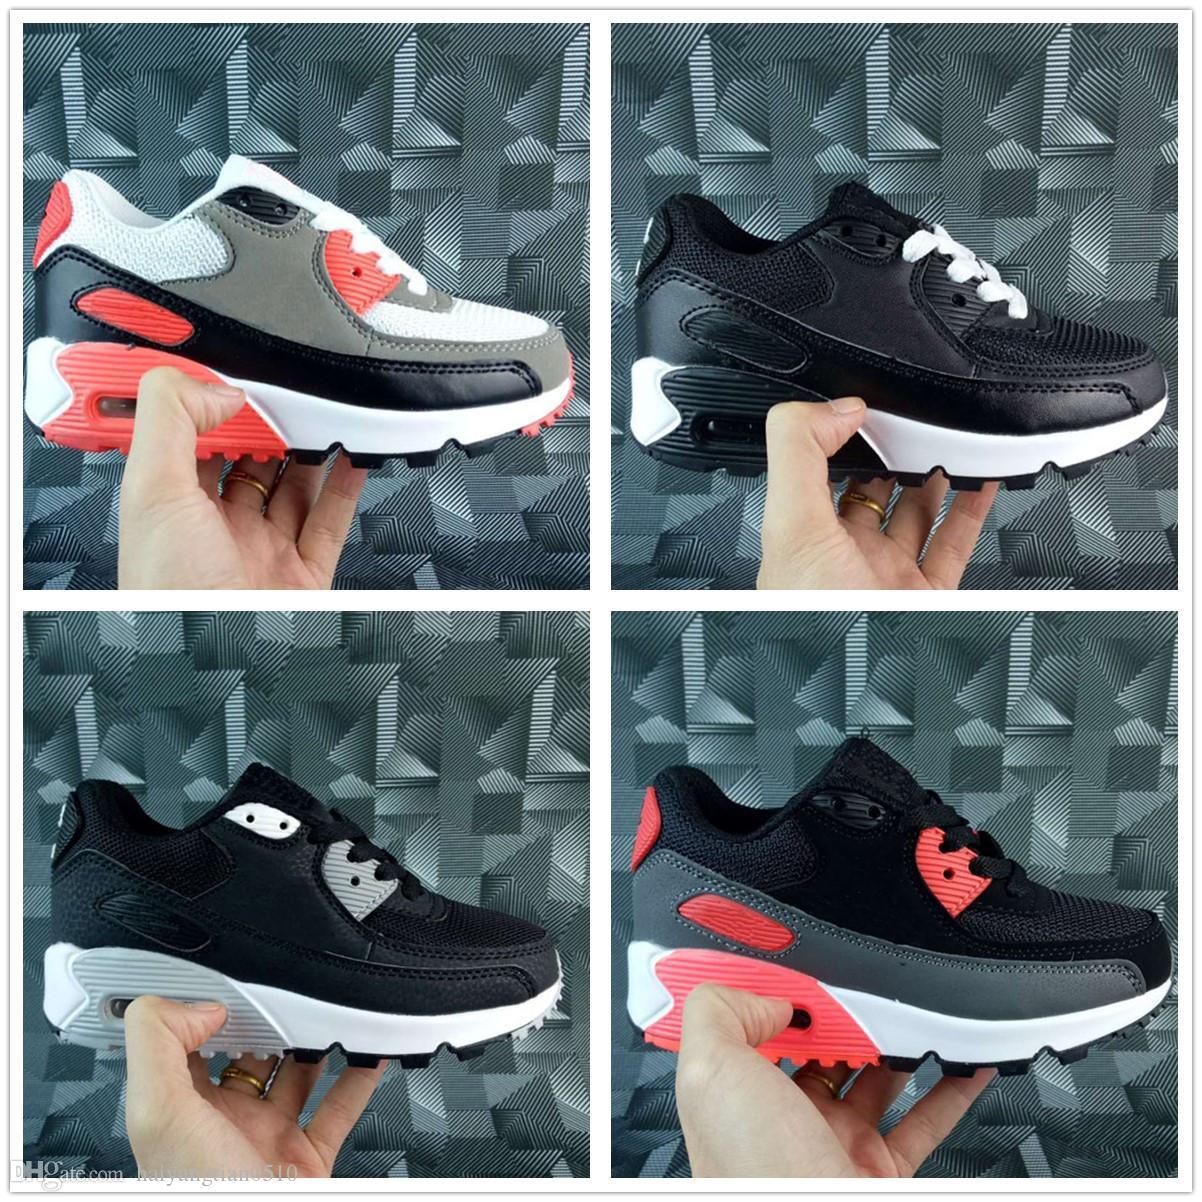 30a45a82c8cb Compre Nike Air Max Airmax 90 Zapatillas Para Niños Zapatillas Clásicas 90 Zapatillas  Deportivas Blancas Zapatillas Para Niños Zapatillas De Deporte Para ...